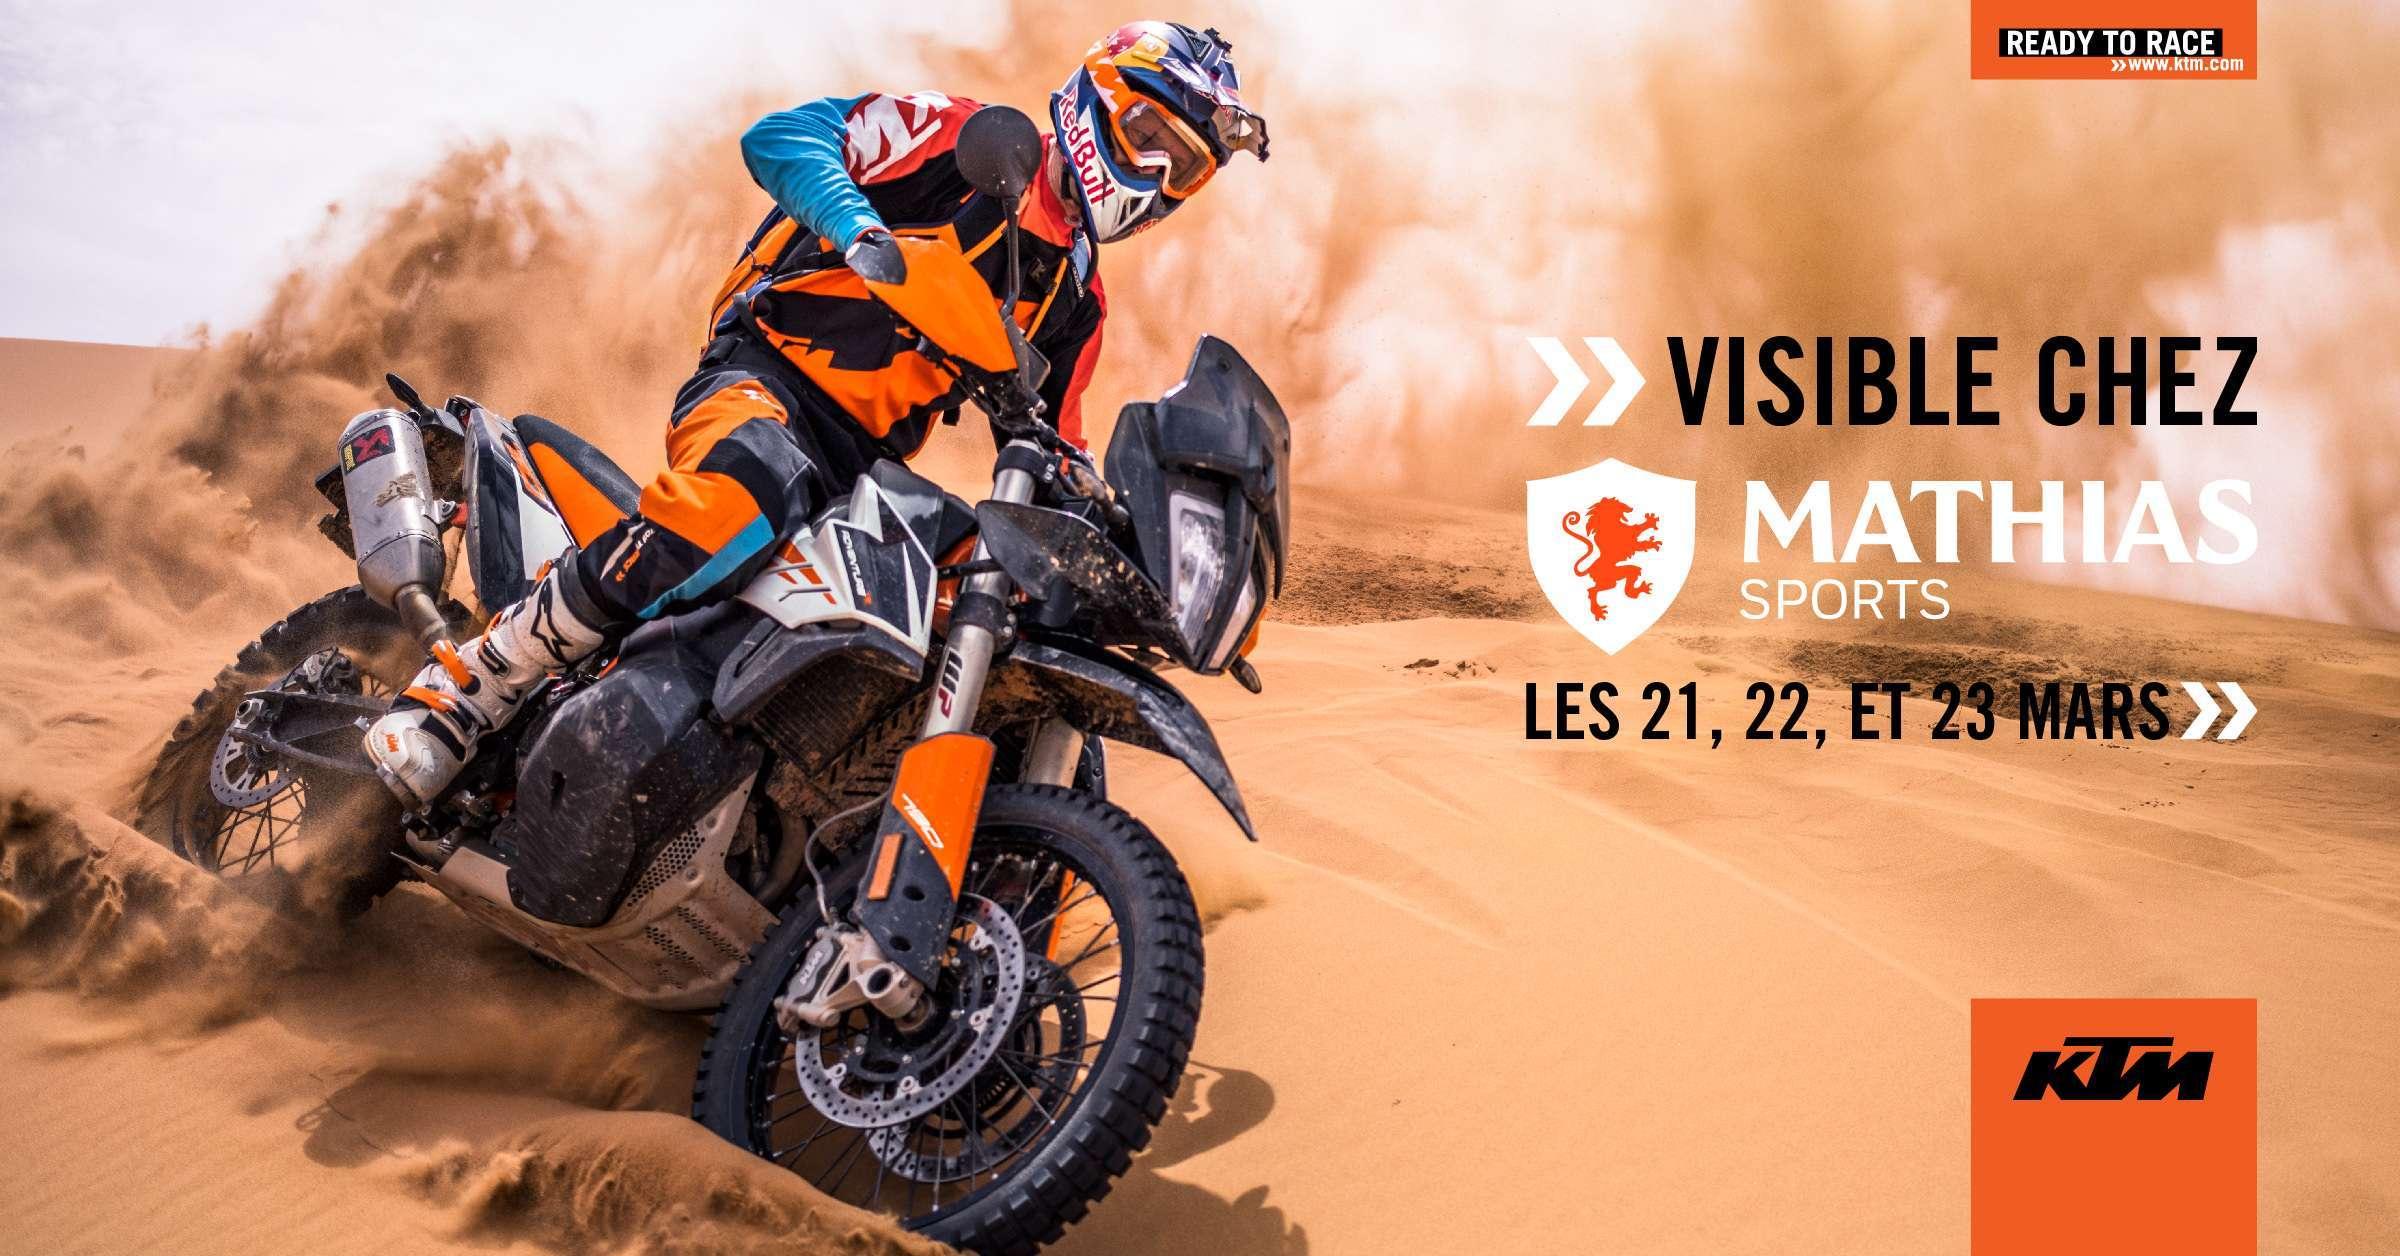 Nouvelle KTM 790 ADVENTURE R 2019 visible chez Mathias Sports les 21, 22, et 23 mars